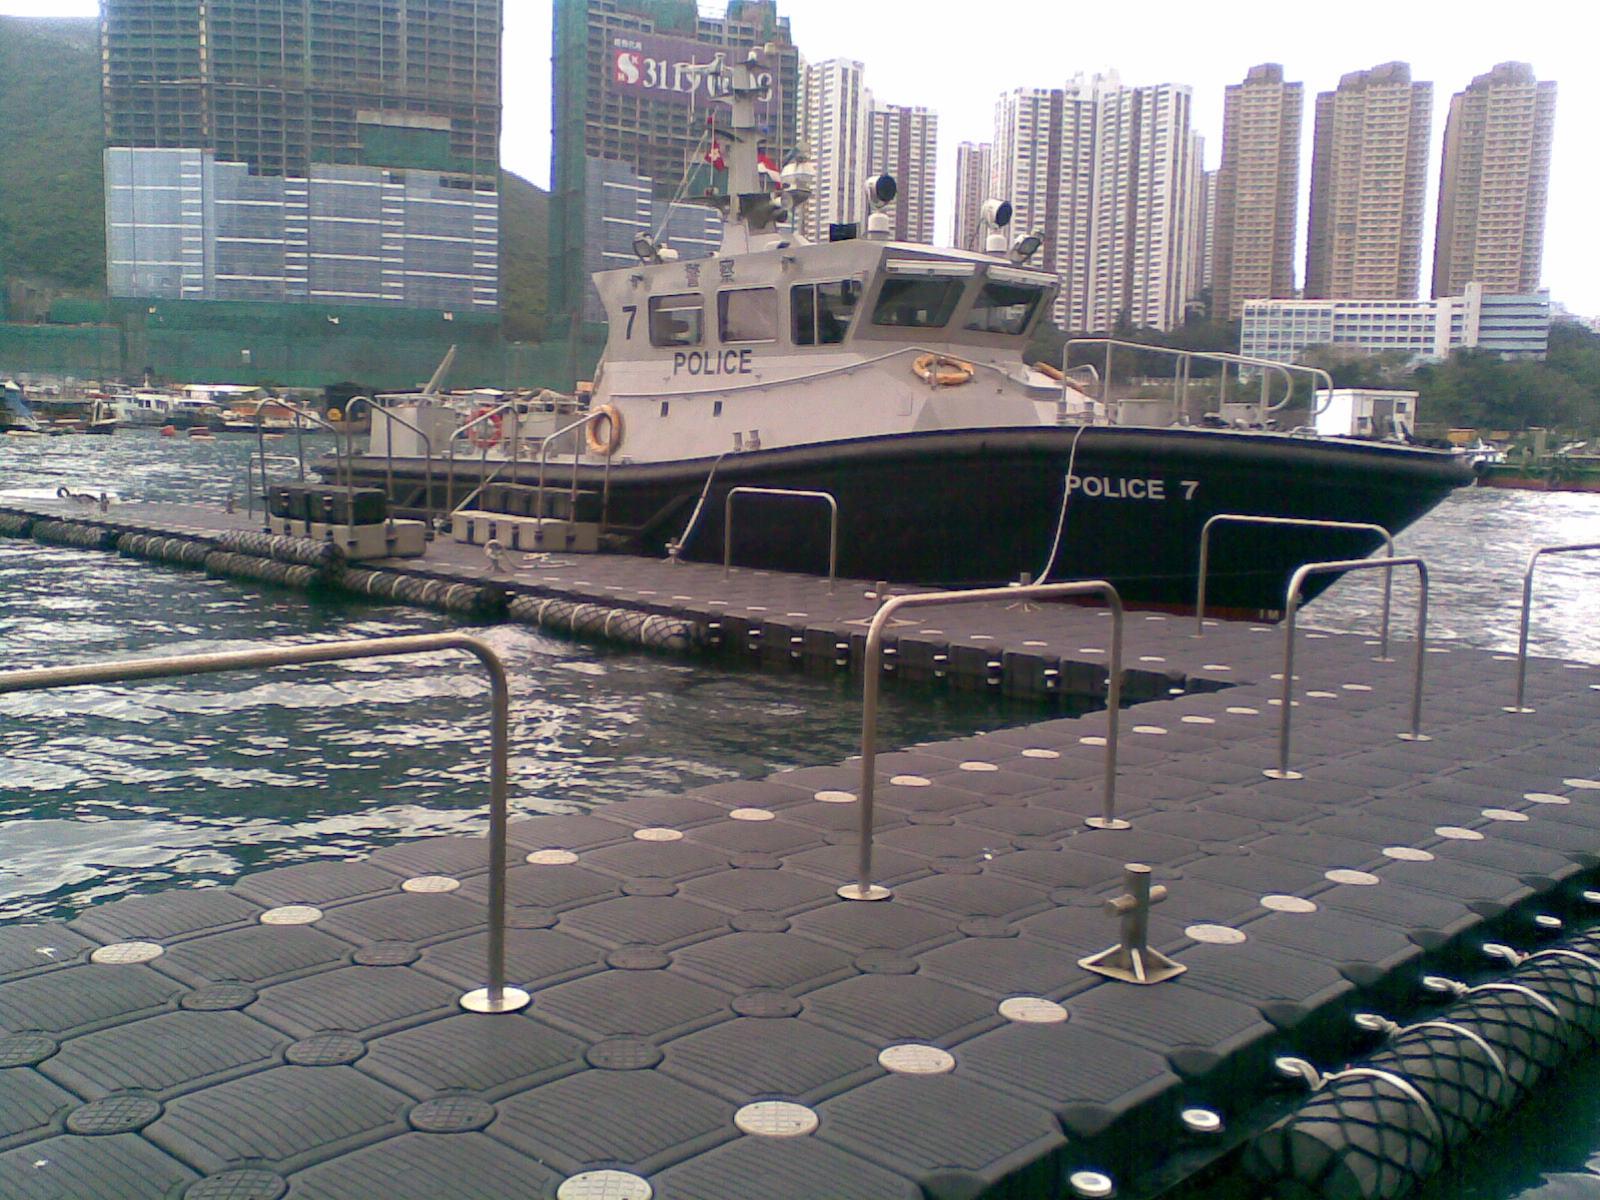 Muelles flotantes modulares policia HK